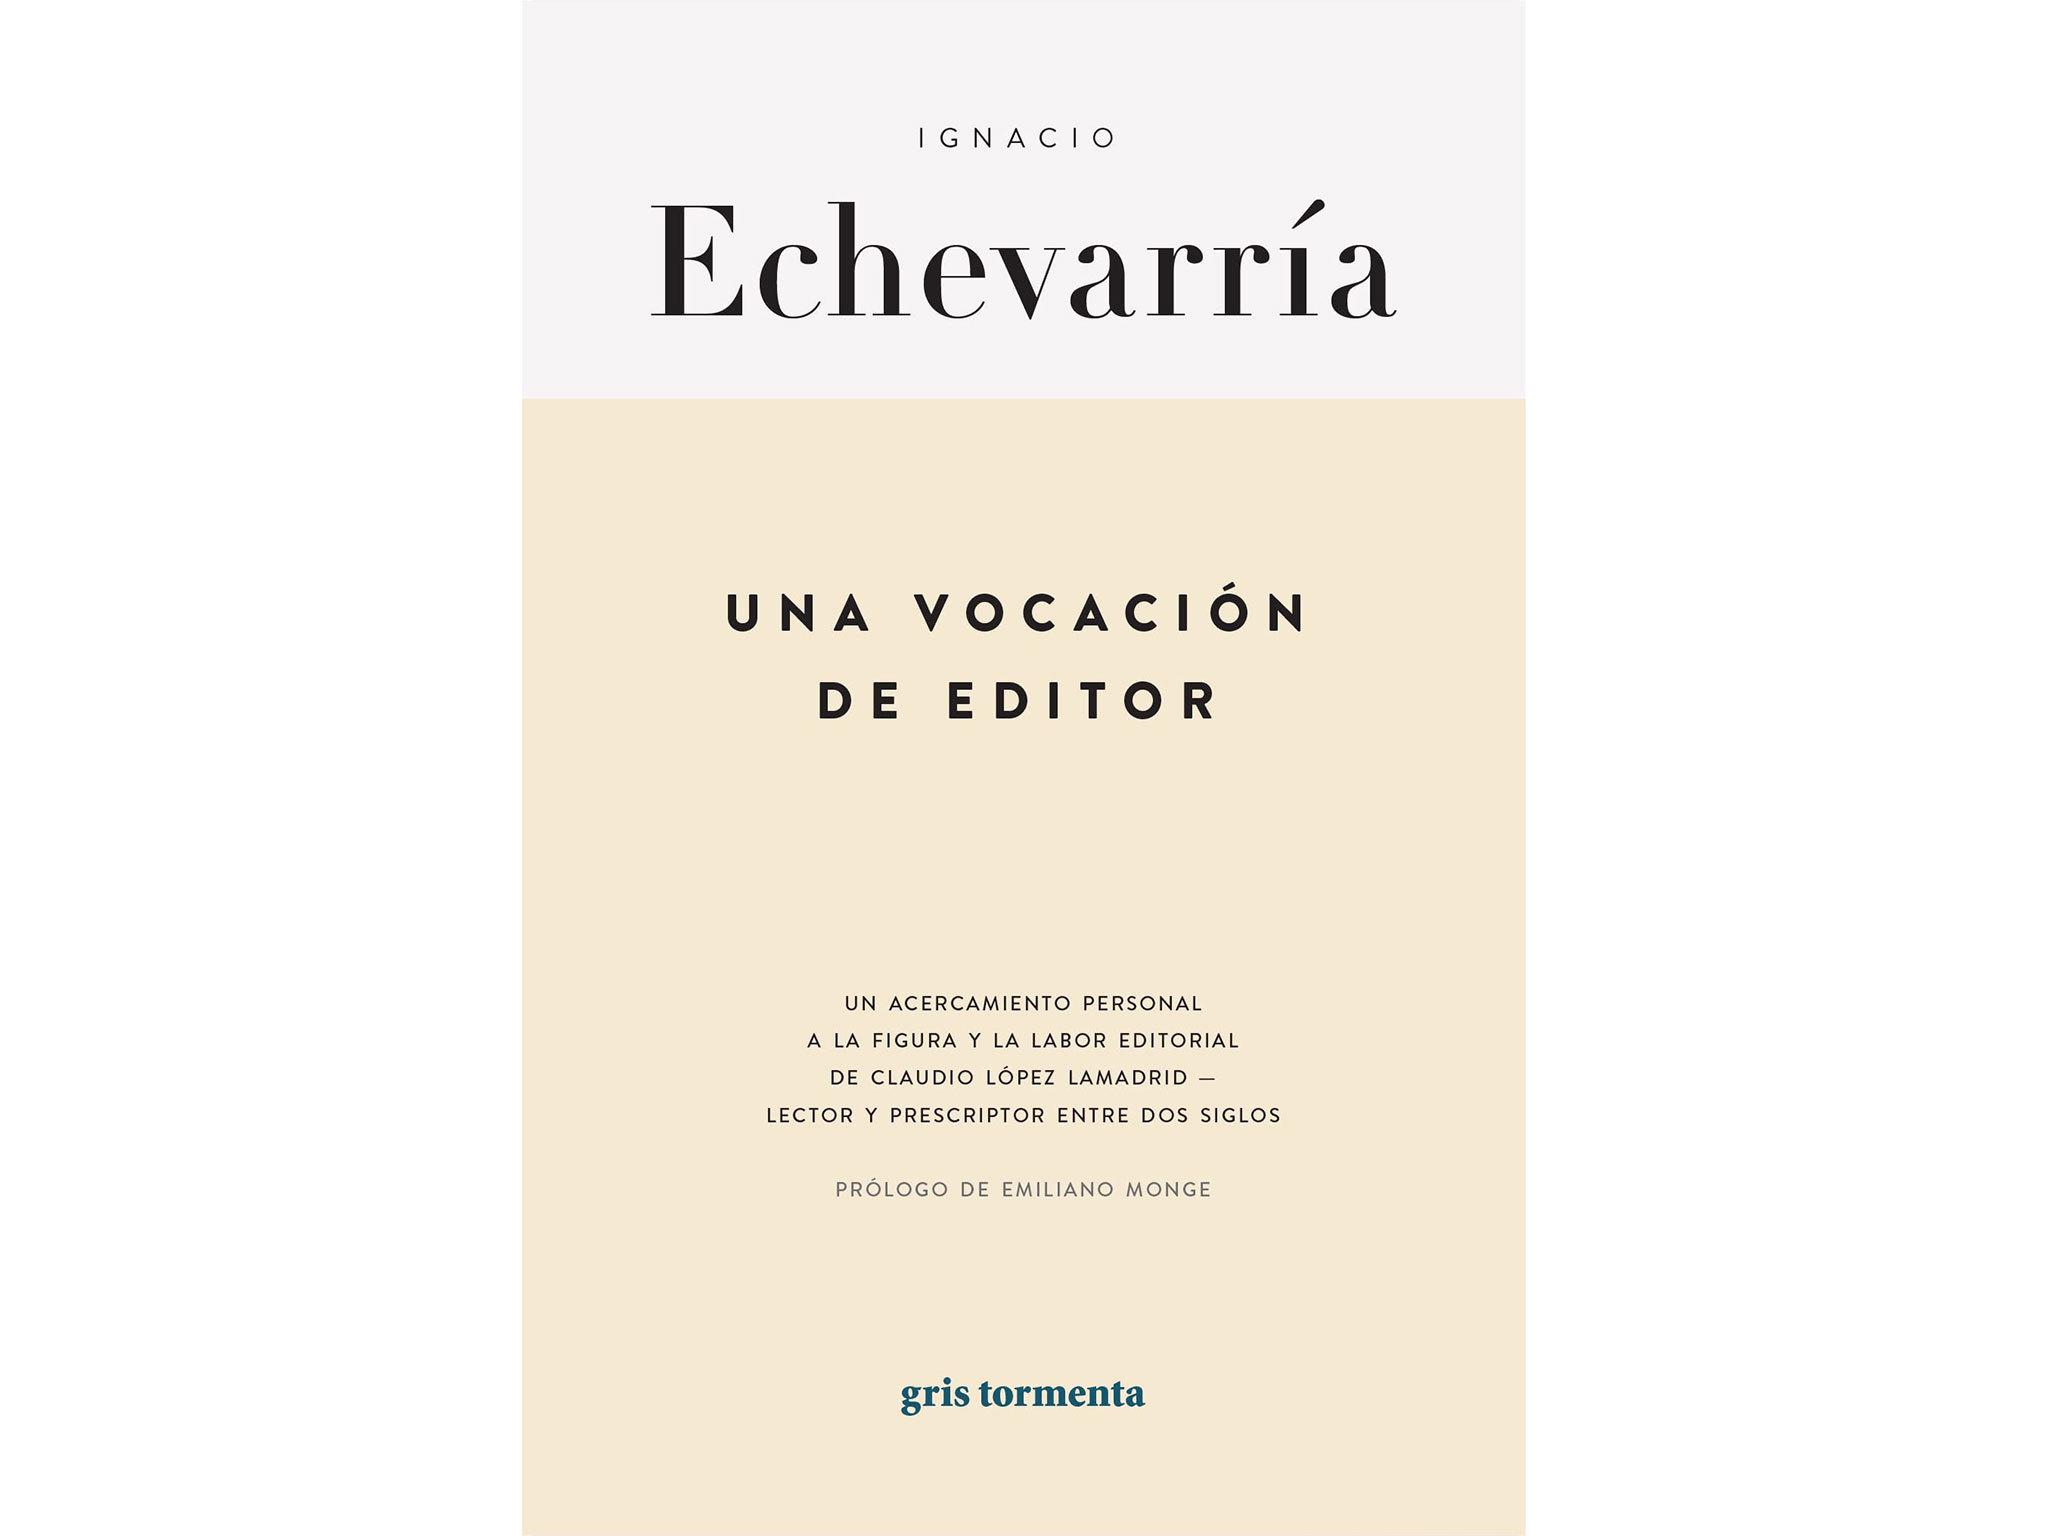 Una vocación de editor. Un acercamiento personal a la figura y la labor editorial de Claudio López Lamadrid - lector y prescriptor entre dos siglos (Ignacio Echeverría)